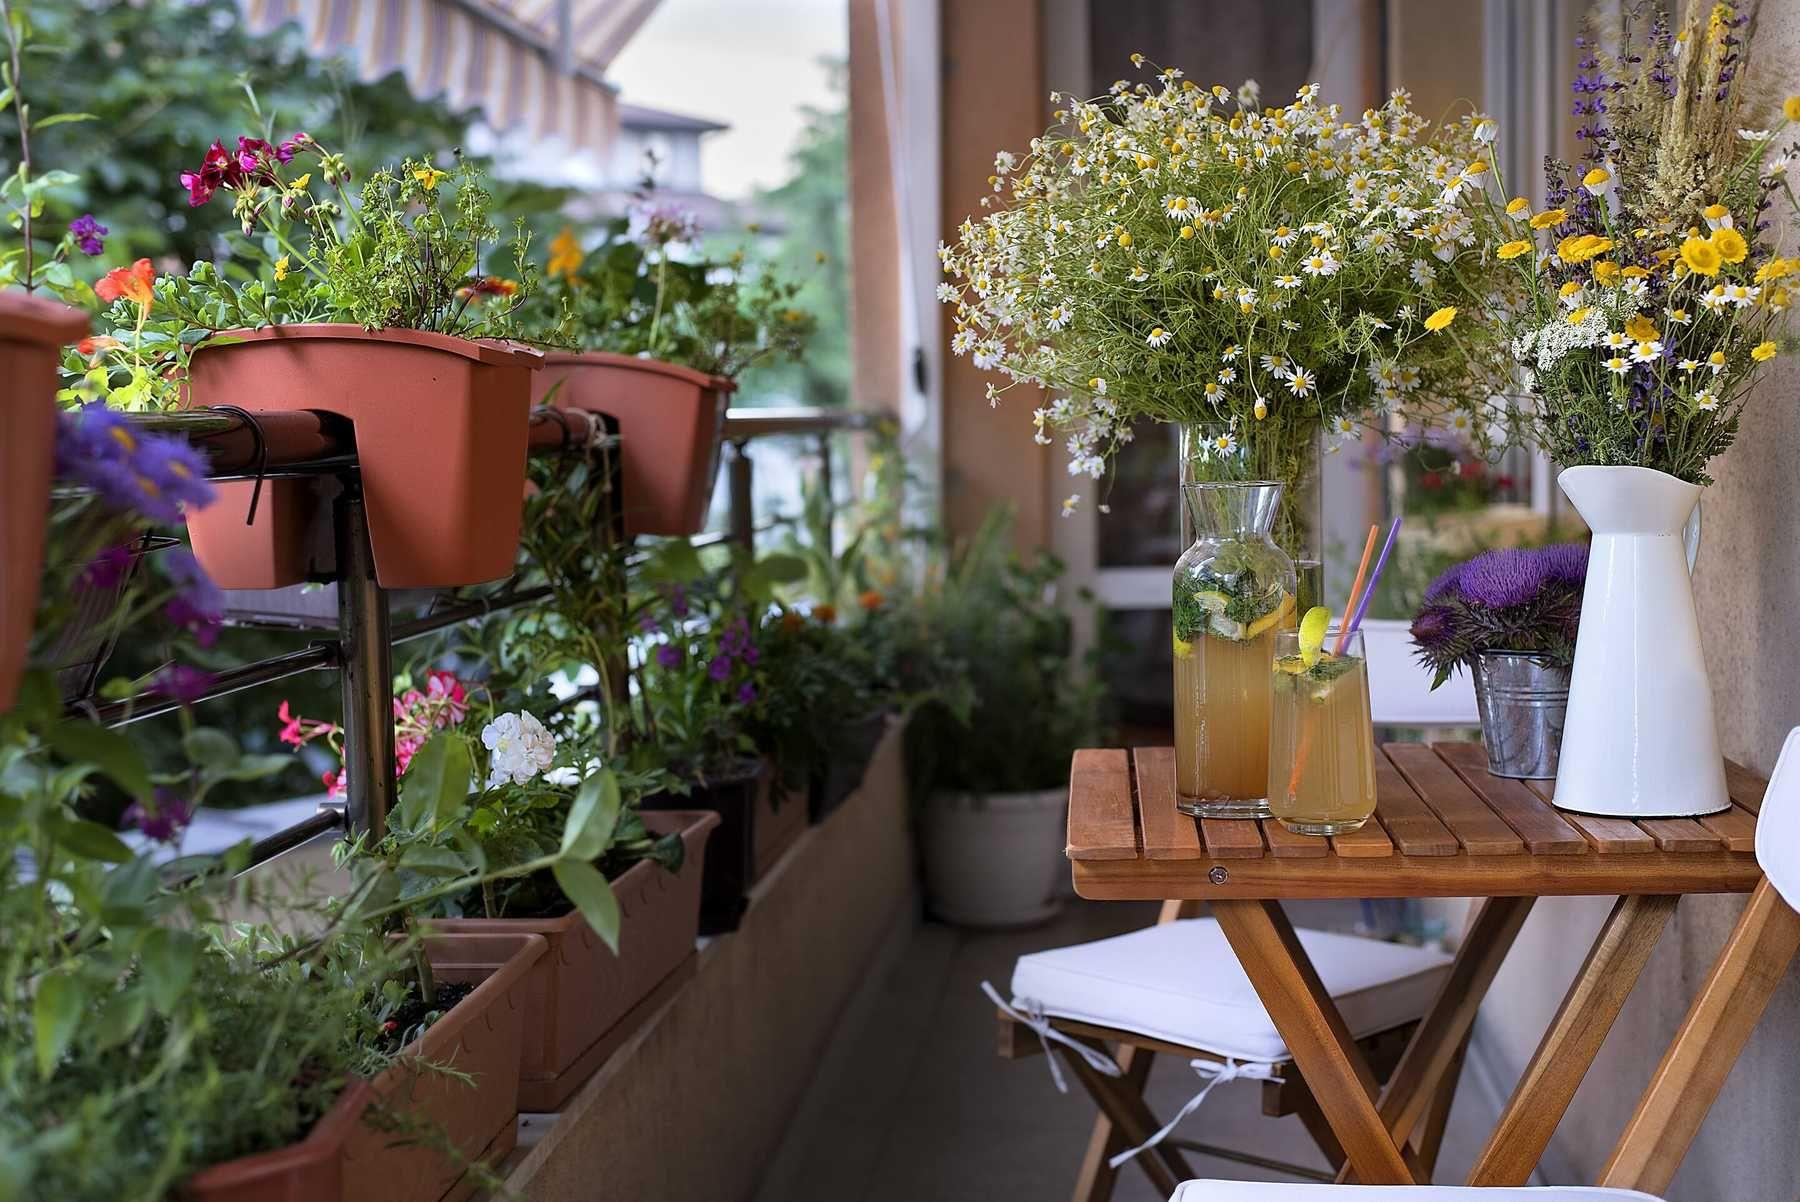 Trang trí ban công với chậu hoa nhỏ